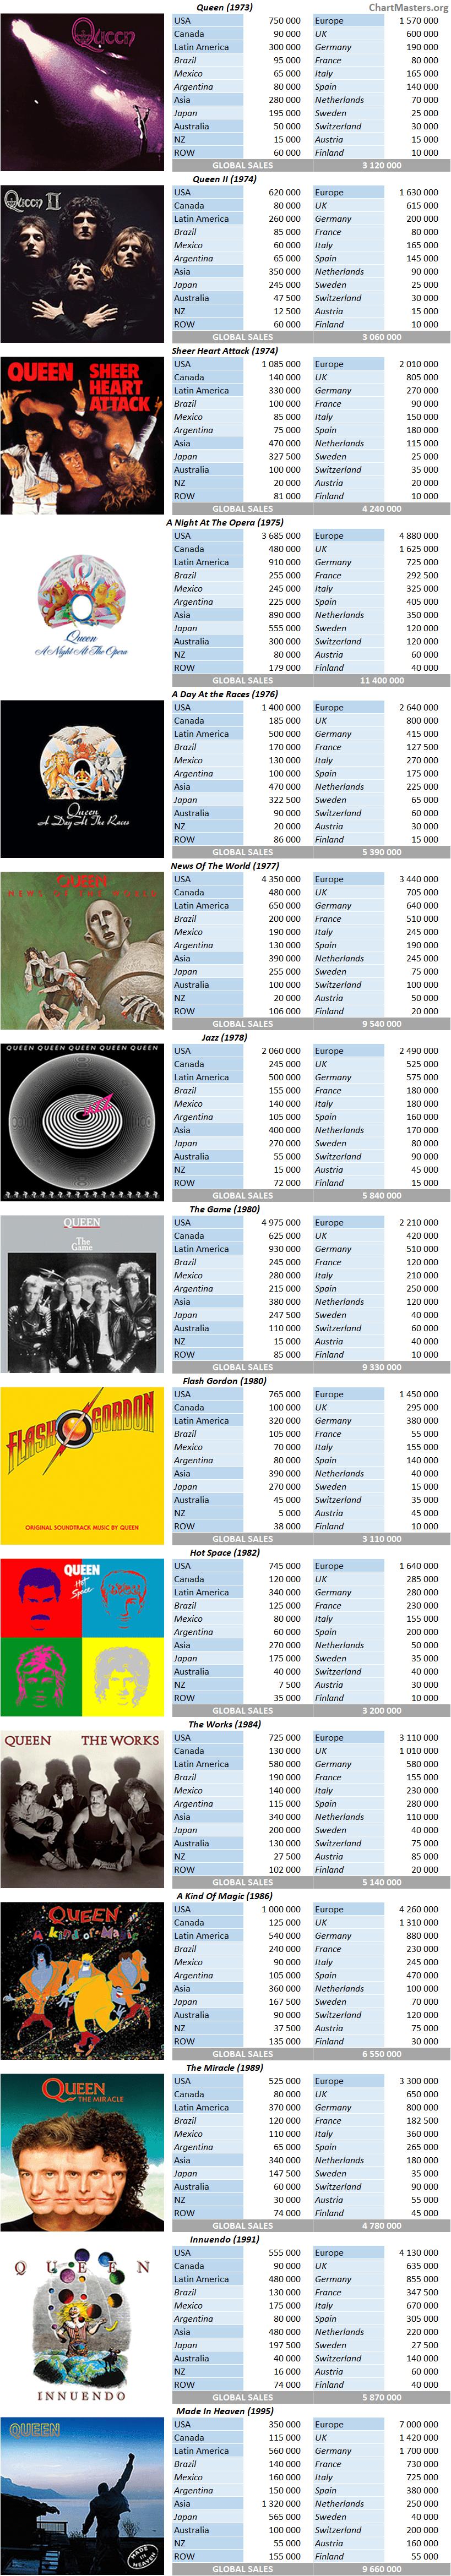 CSPC Queen album sales breakdown